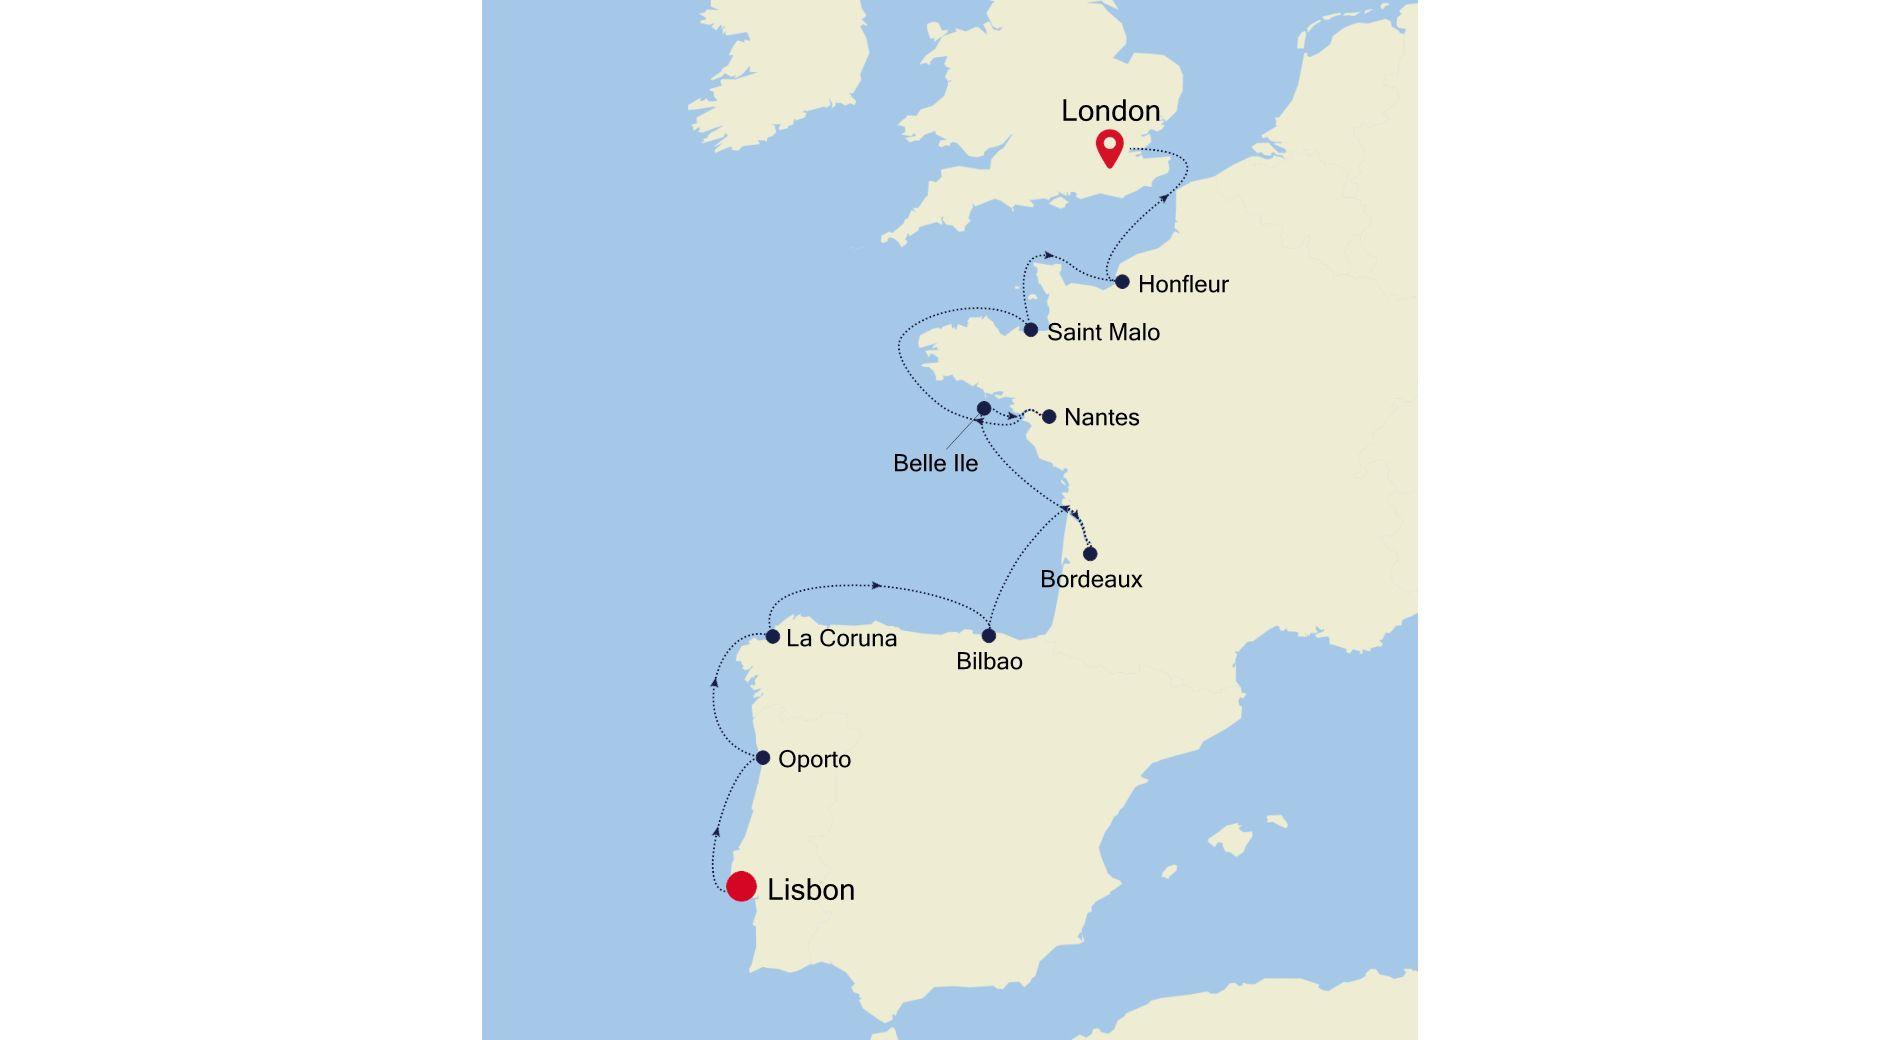 E4200507012 - Lisbon a London